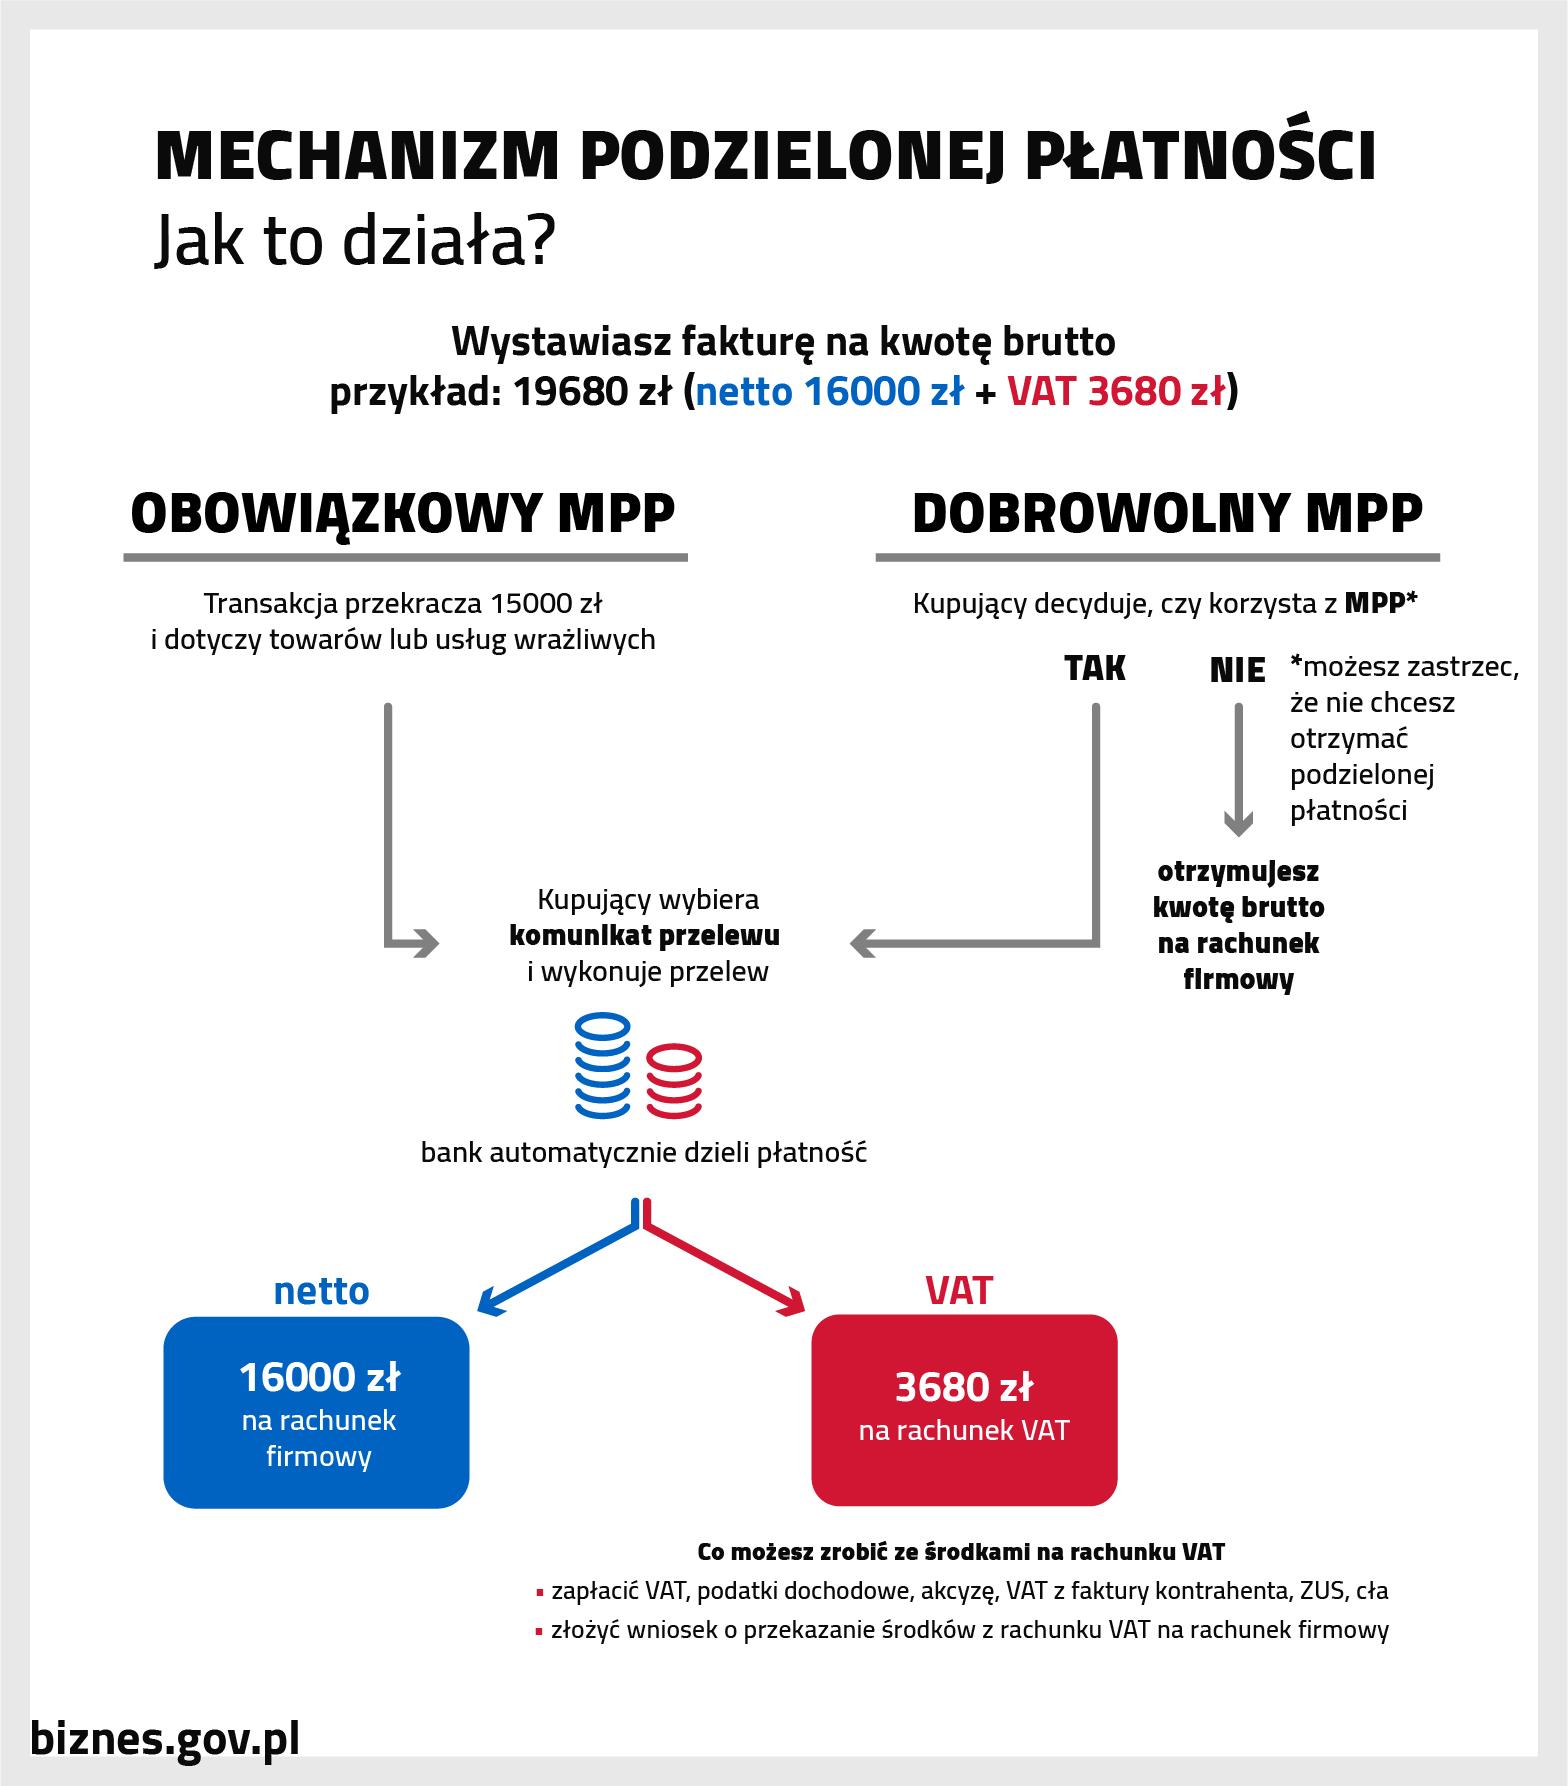 Prezentacja mechanizmu podzielonej płatności w wersji obowiązkowej i dobrowolnej - podział kowty na fakturze